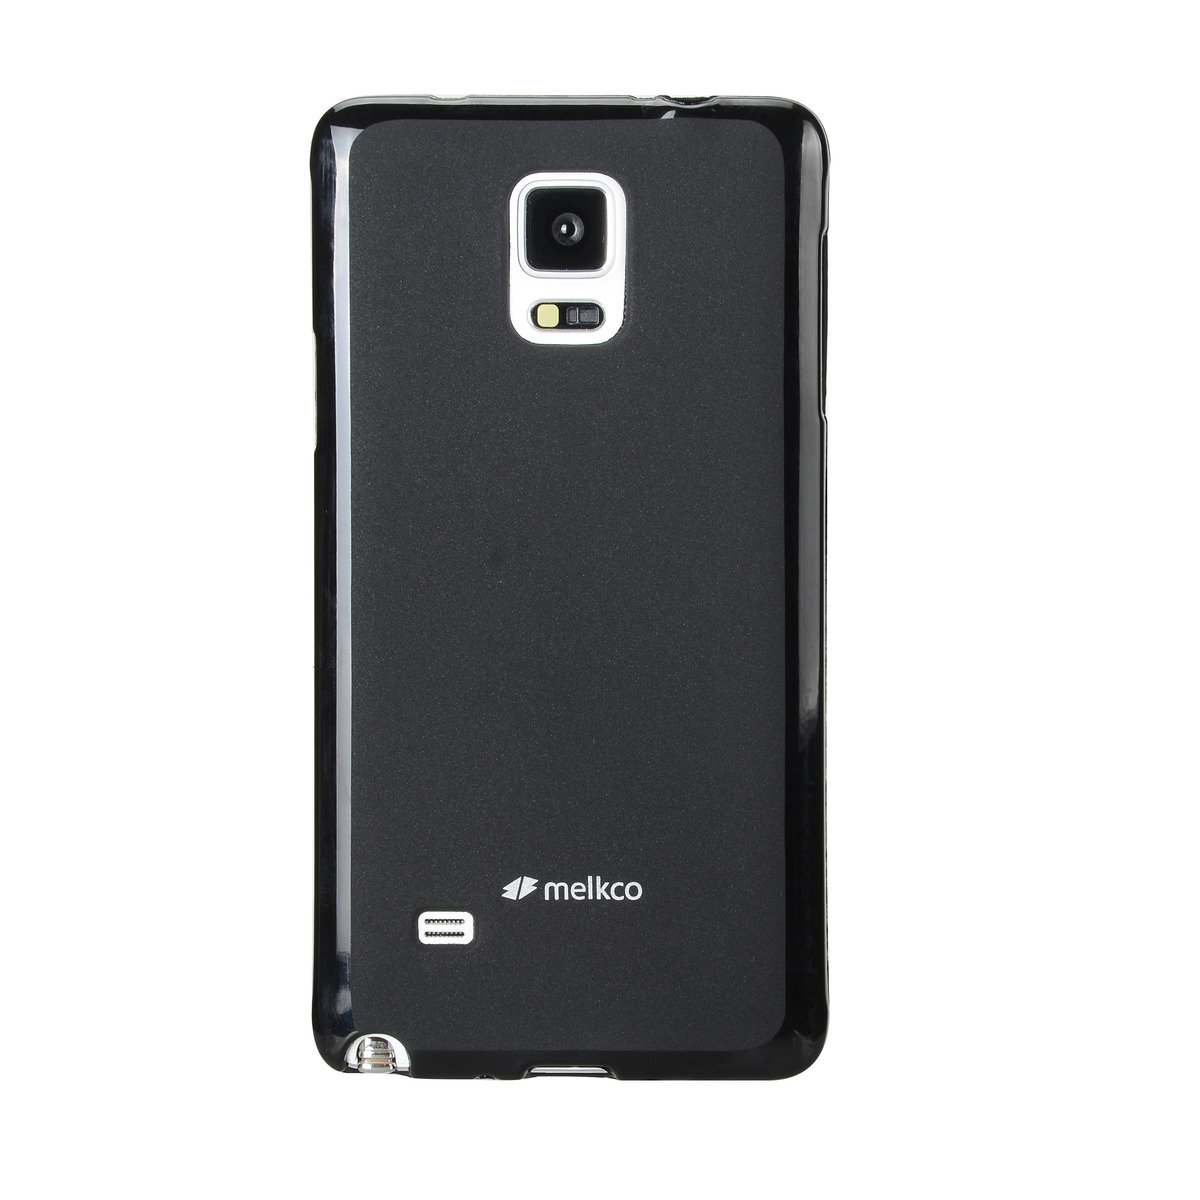 Galaxy Note 4 Poly Jacket 手機保護殼 - 黑色(附送屏幕保護貼)